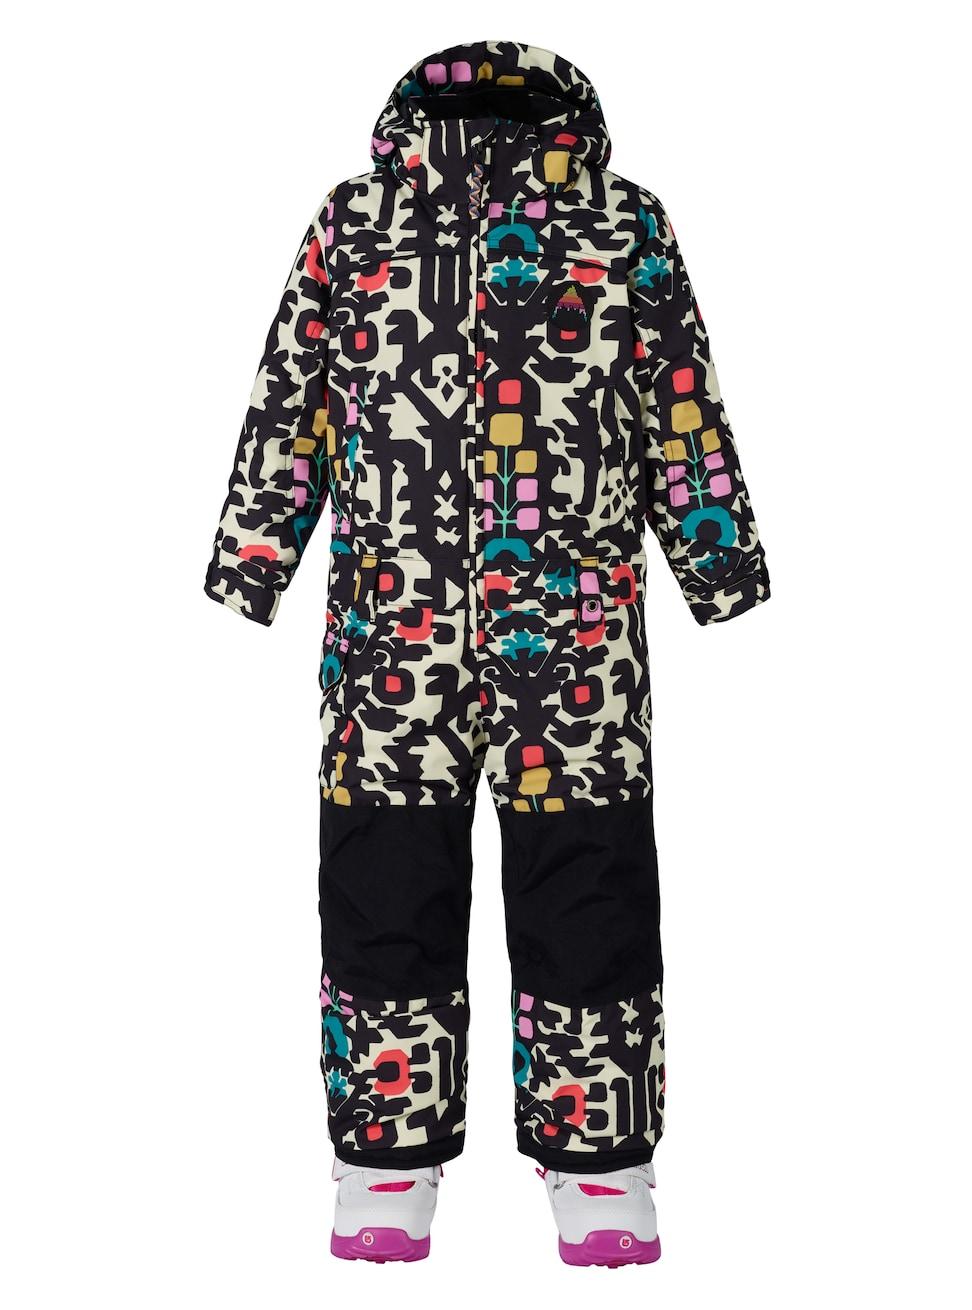 Купить Комбинезон сноубордический BURTON 2017-18 GIRLS MS ILLUSN OP YOUNG FOLKS, Детская одежда, 1354950